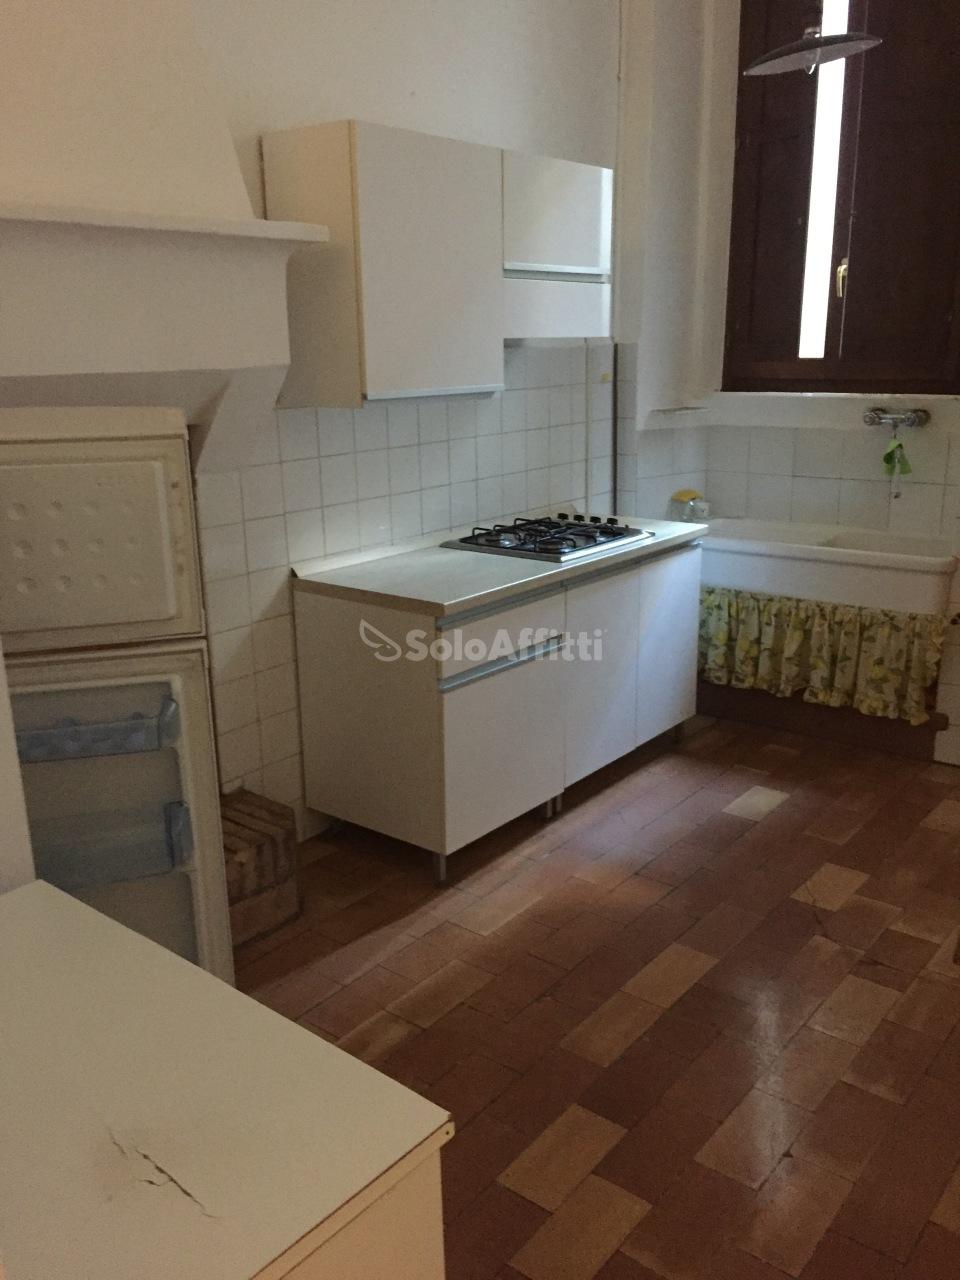 Appartamento in affitto a Arcevia (AN)